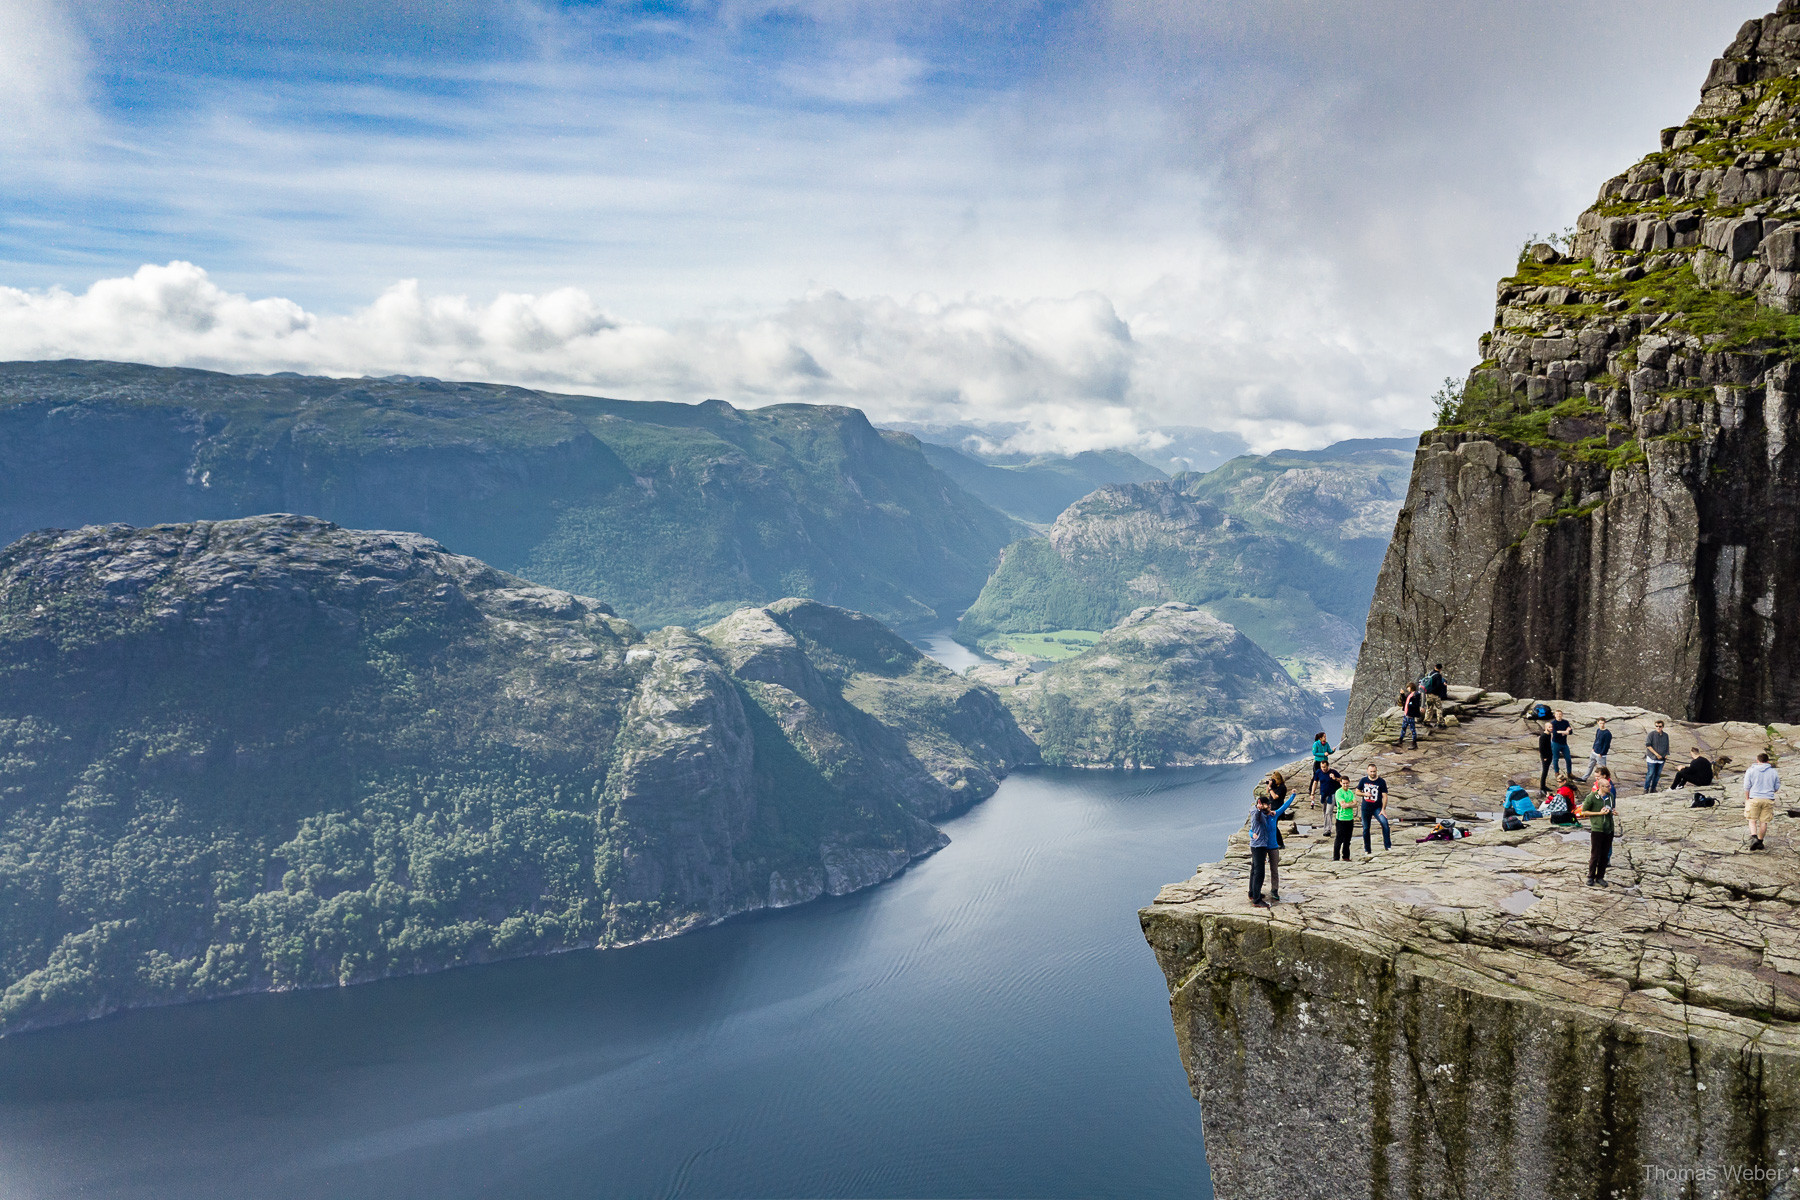 Fotograf Thomas Weber aus Oldenburg: Rundreise durch Norwegen